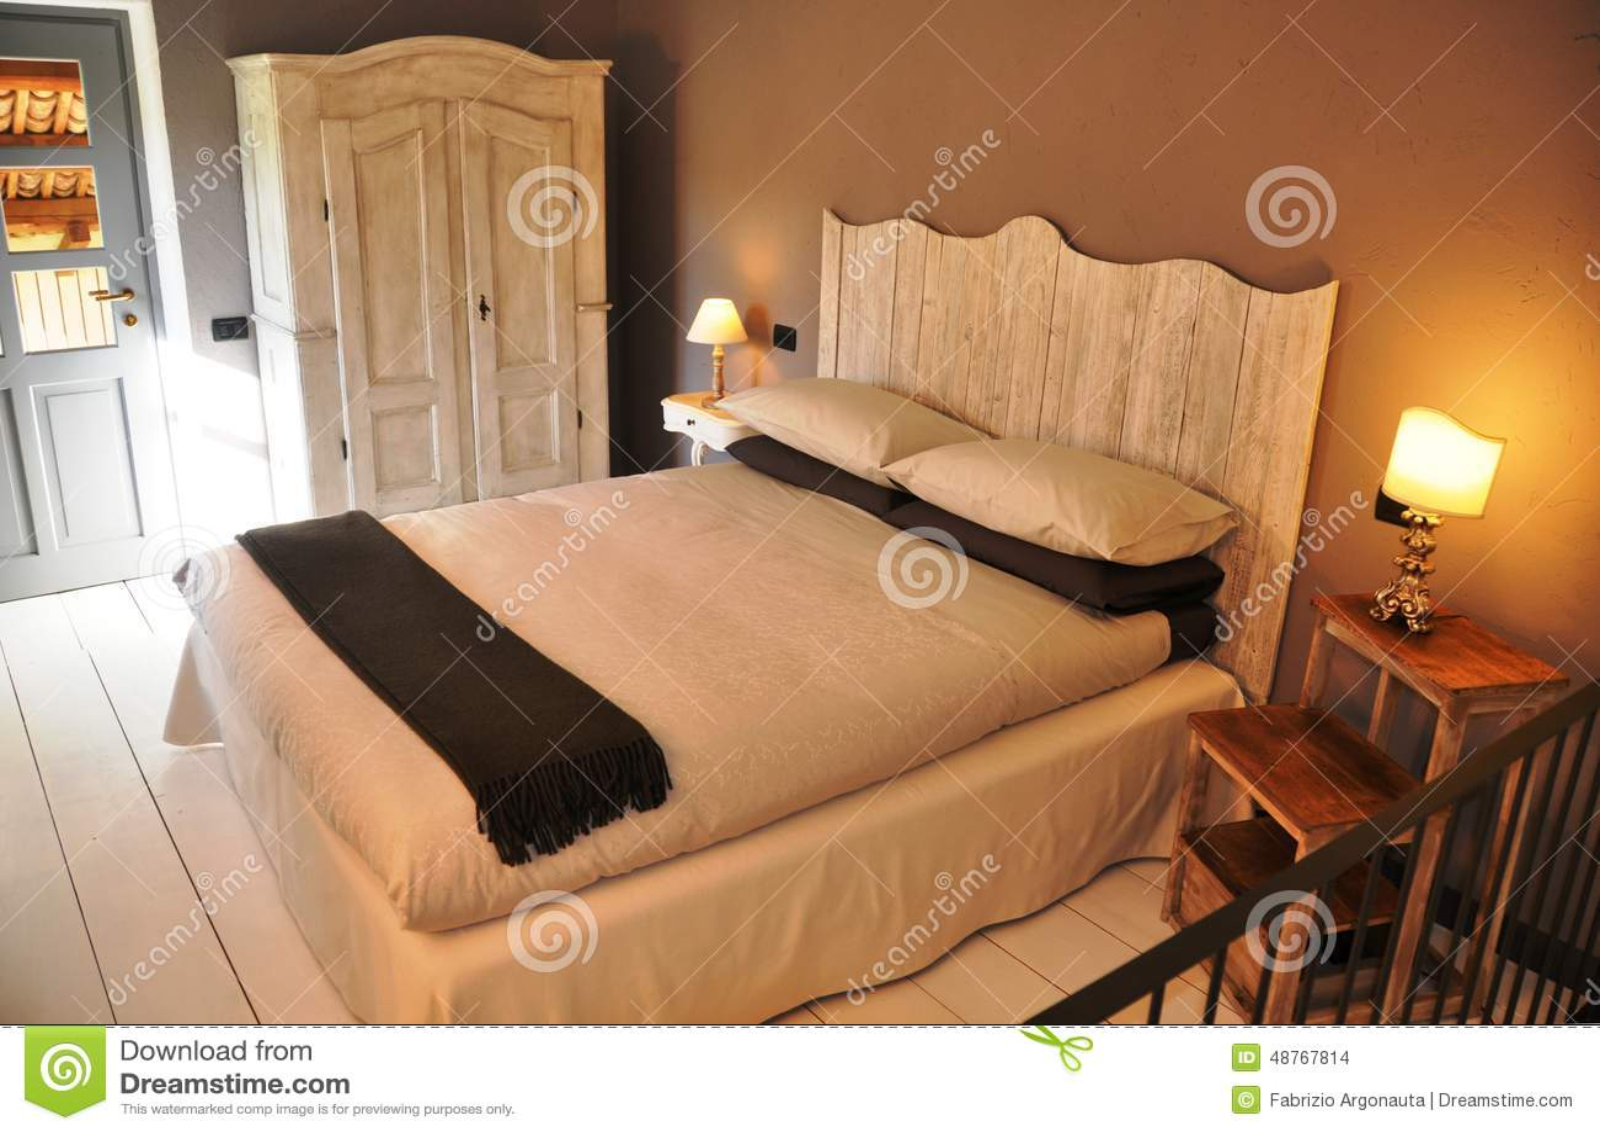 camera da letto stile country italiana accogliente fotografia ... - Camera Da Letto Stile Country